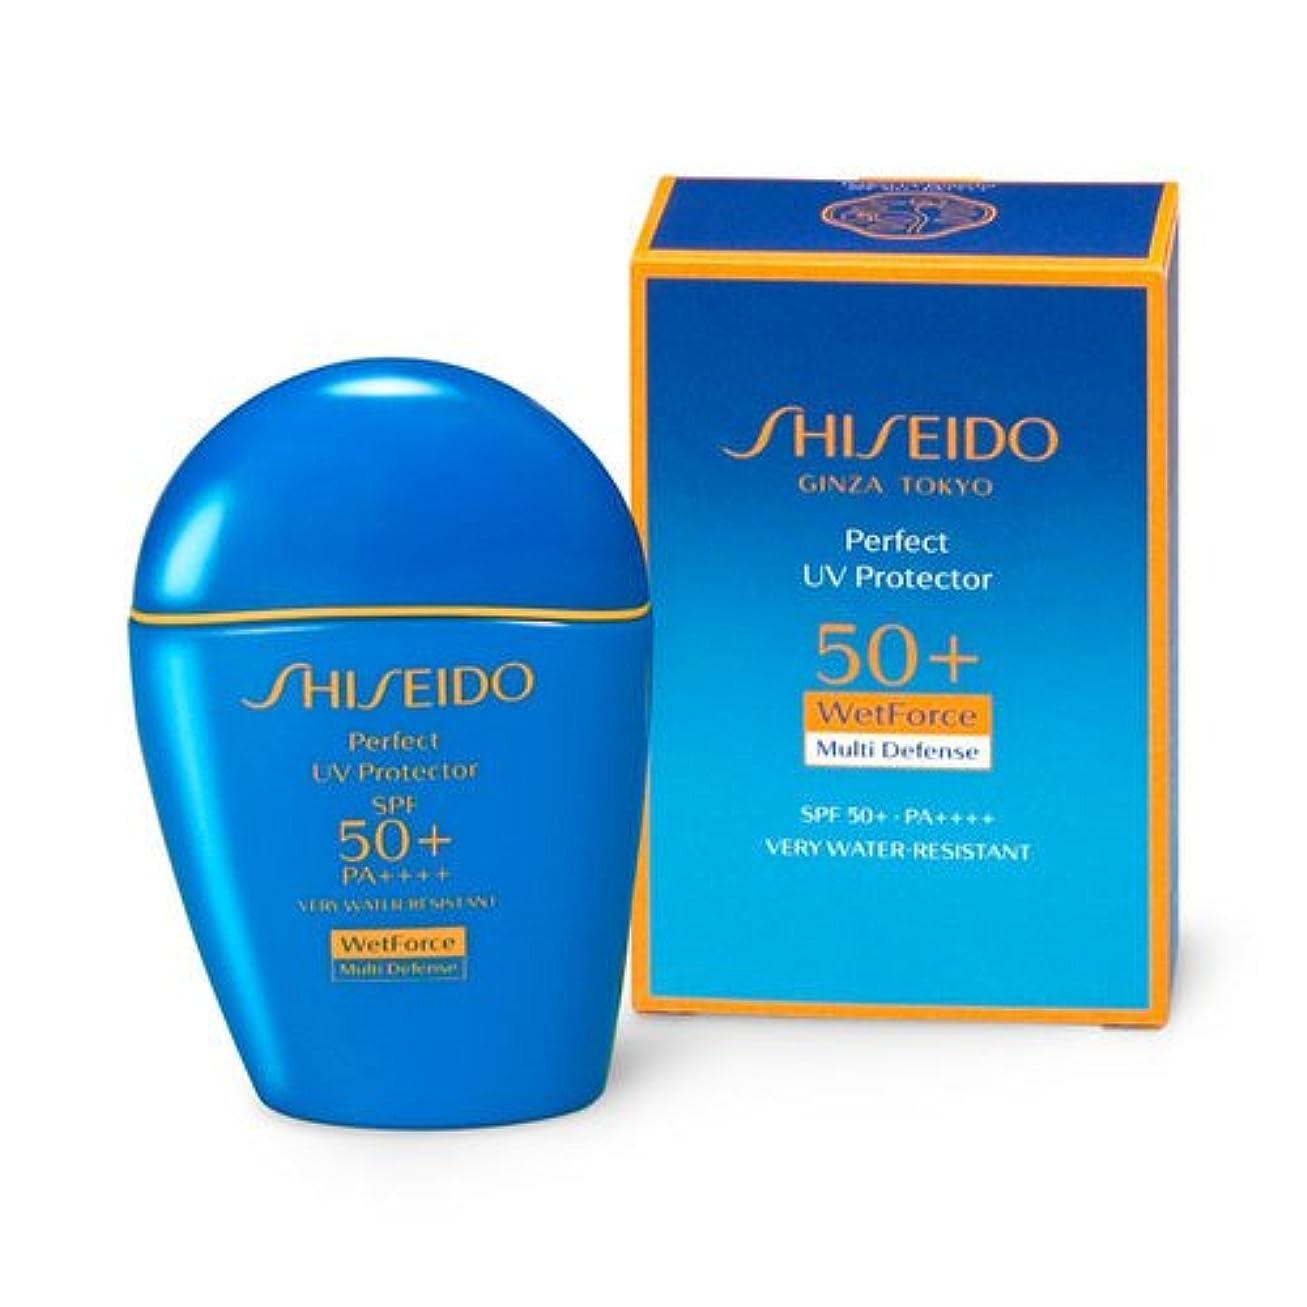 息苦しい蒸発省SHISEIDO Suncare(資生堂 サンケア) SHISEIDO(資生堂) パーフェクト UVプロテクター 50mL